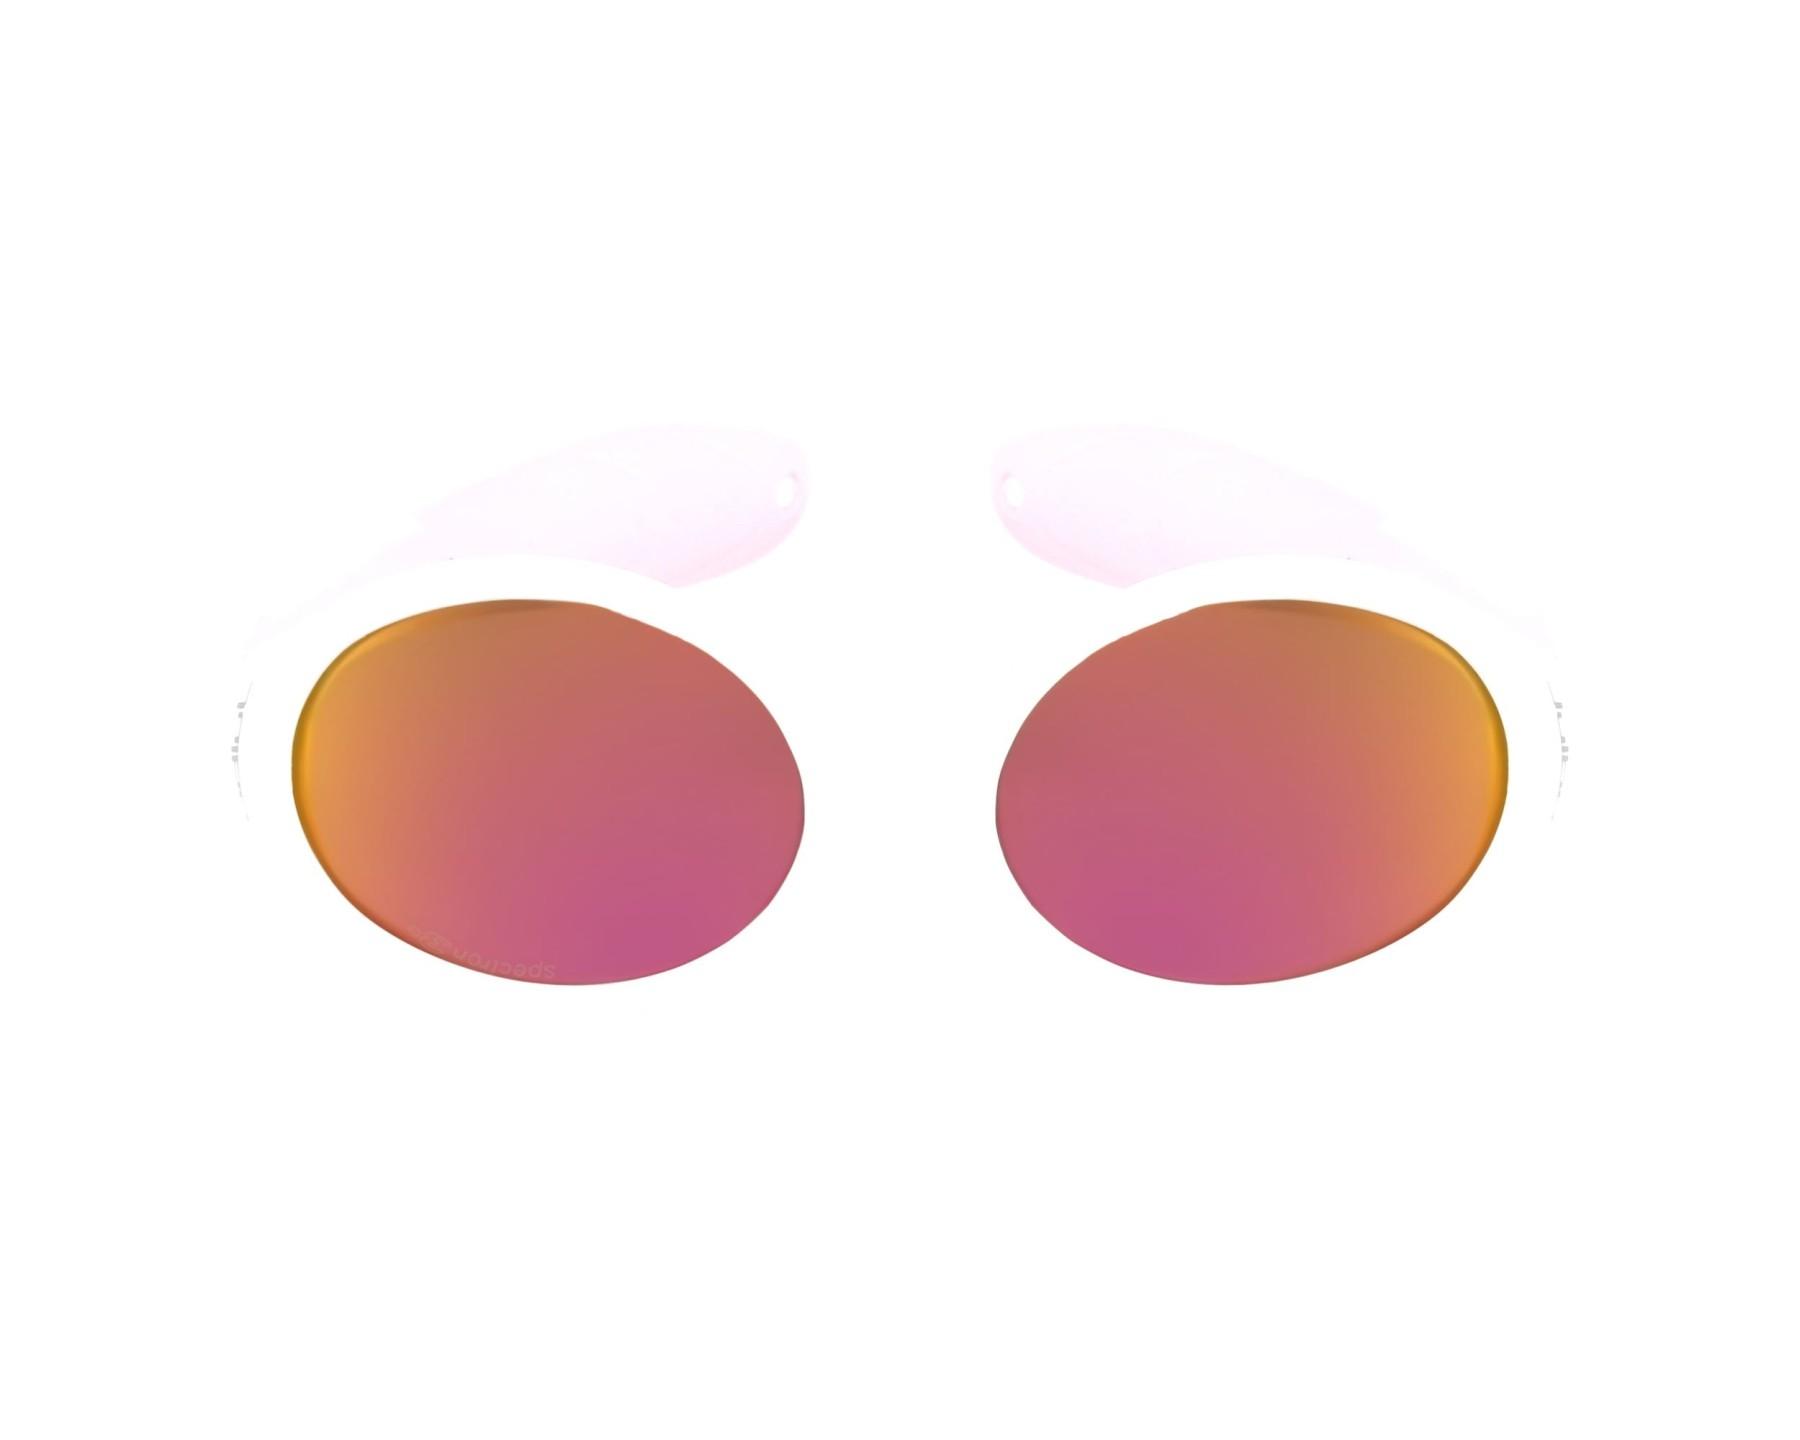 2597ed416f8e9 Lunettes de soleil Julbo J349 1111C 45-15 Blanc Rose vue de profil